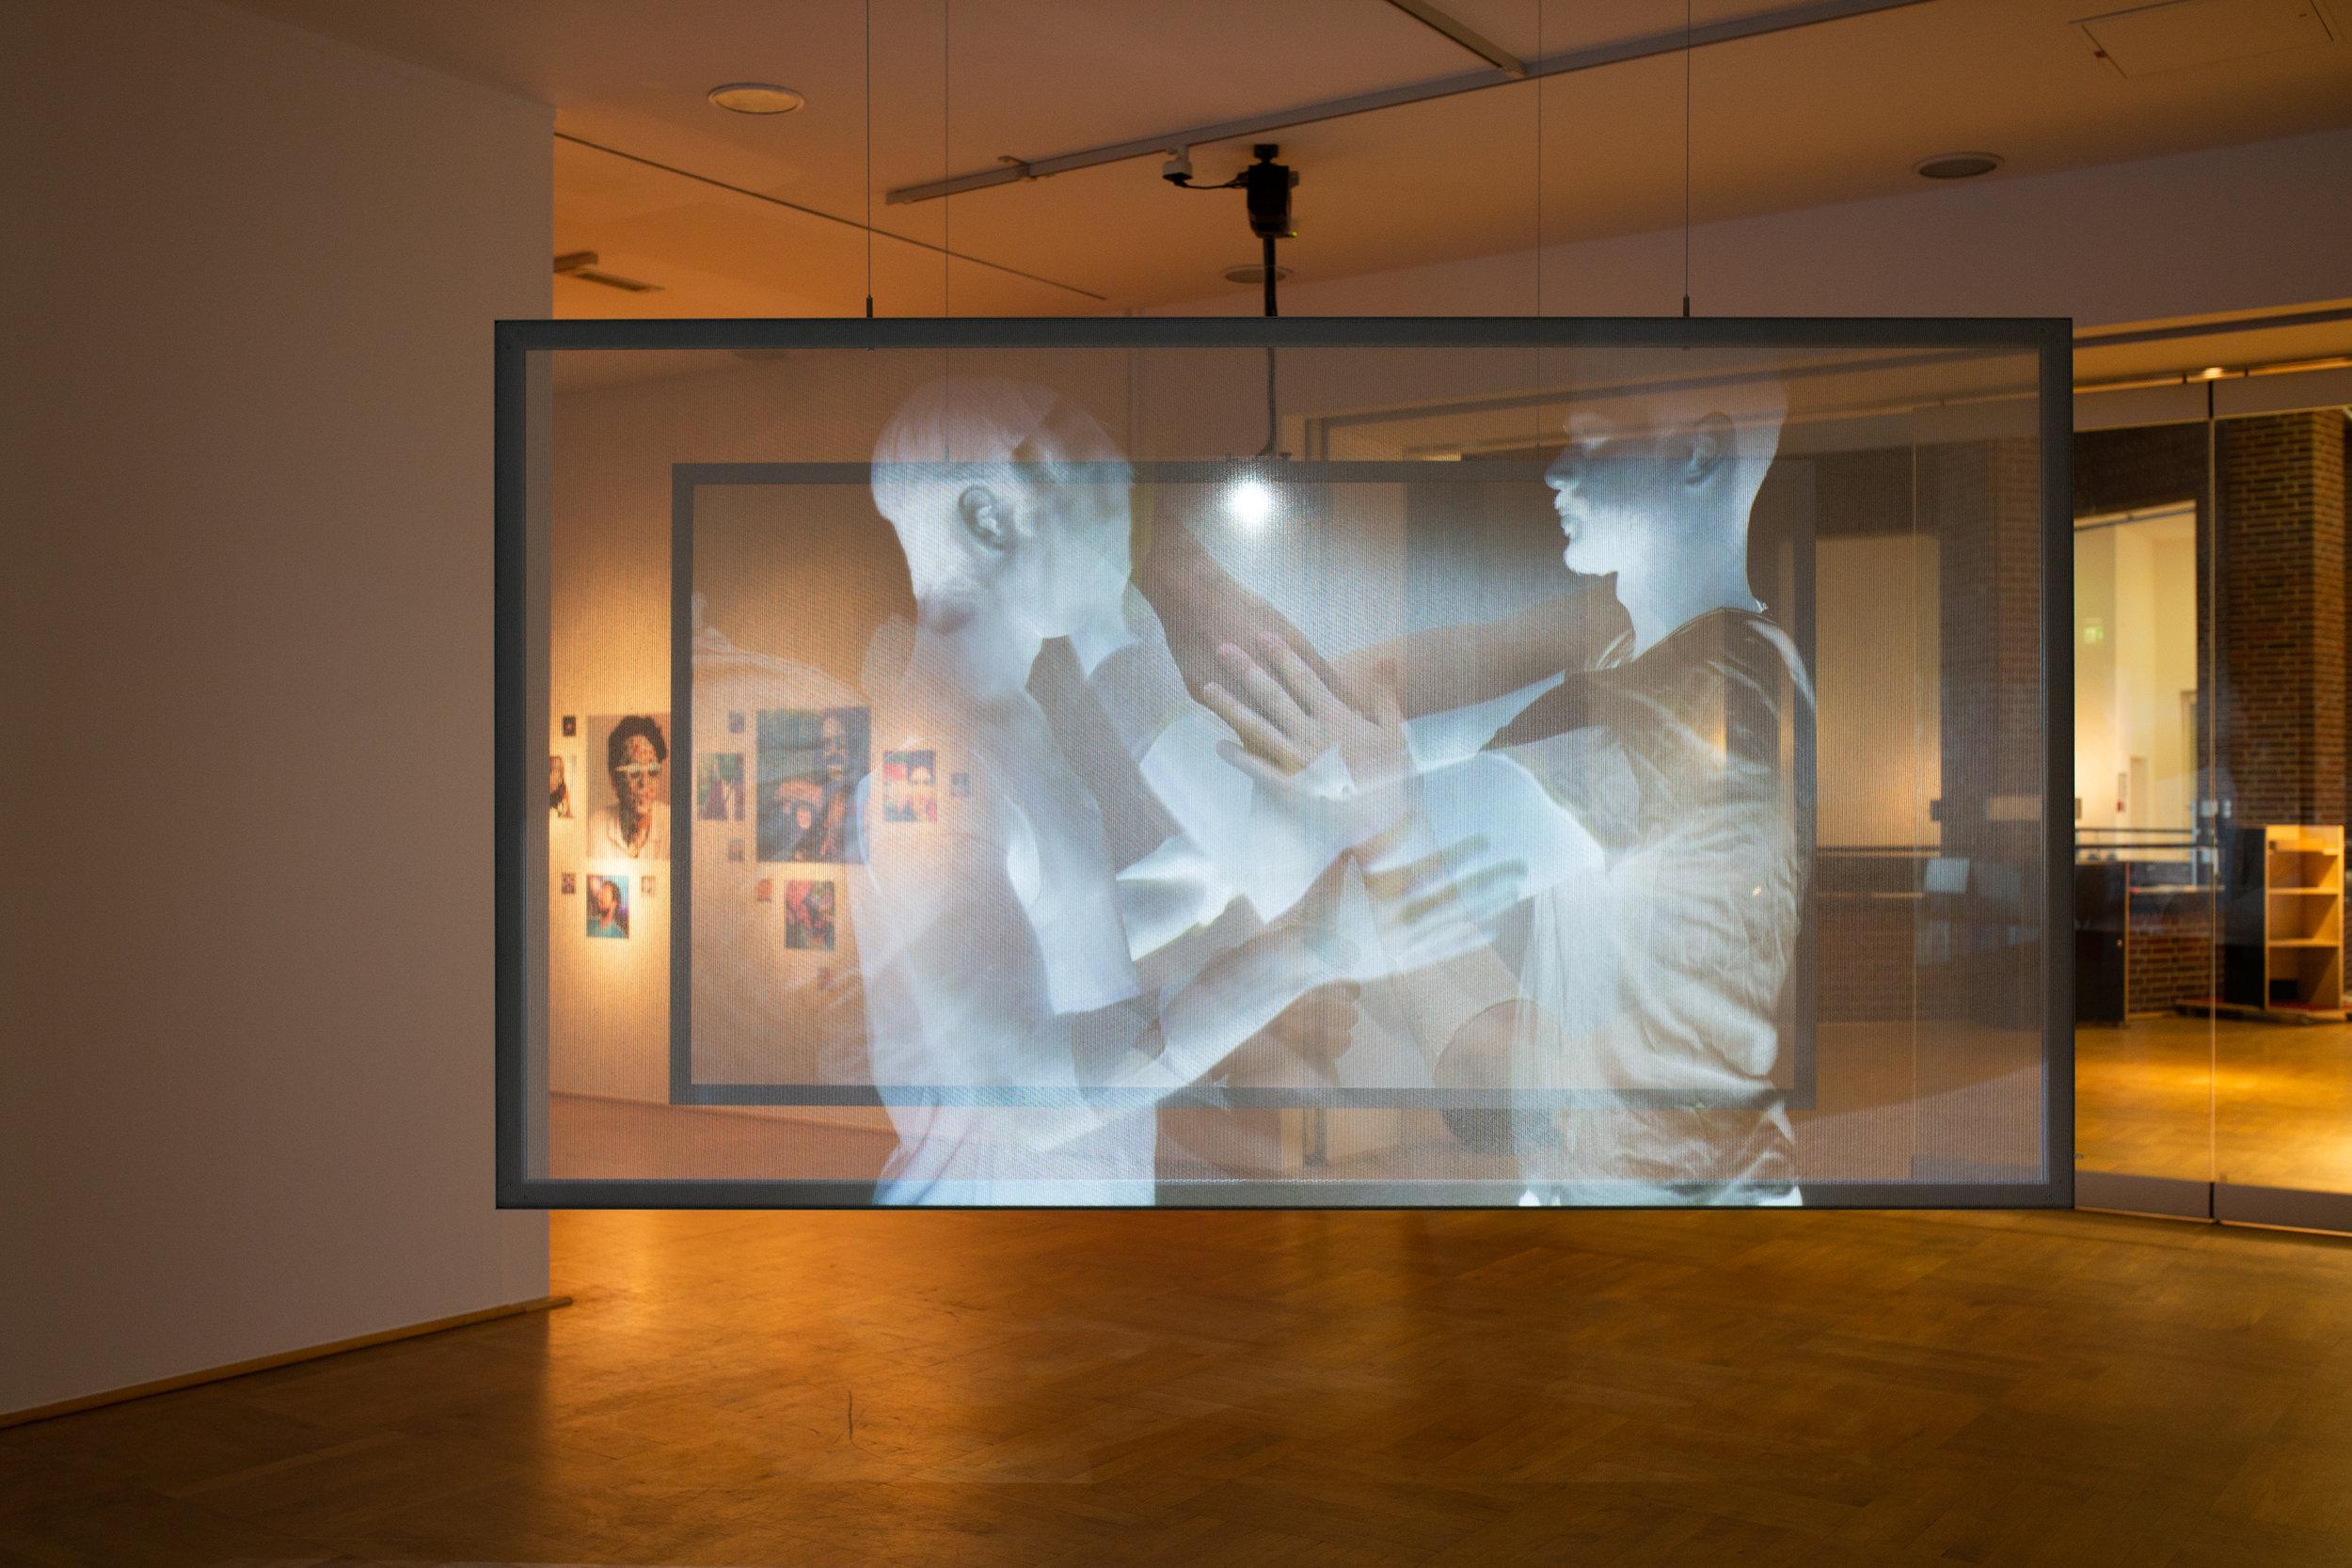 Exhibition view: PENDORAN VINCI, work by Tuomas A. Laitinen, photo © NRW-Forum Düsseldorf / Bozica Babic